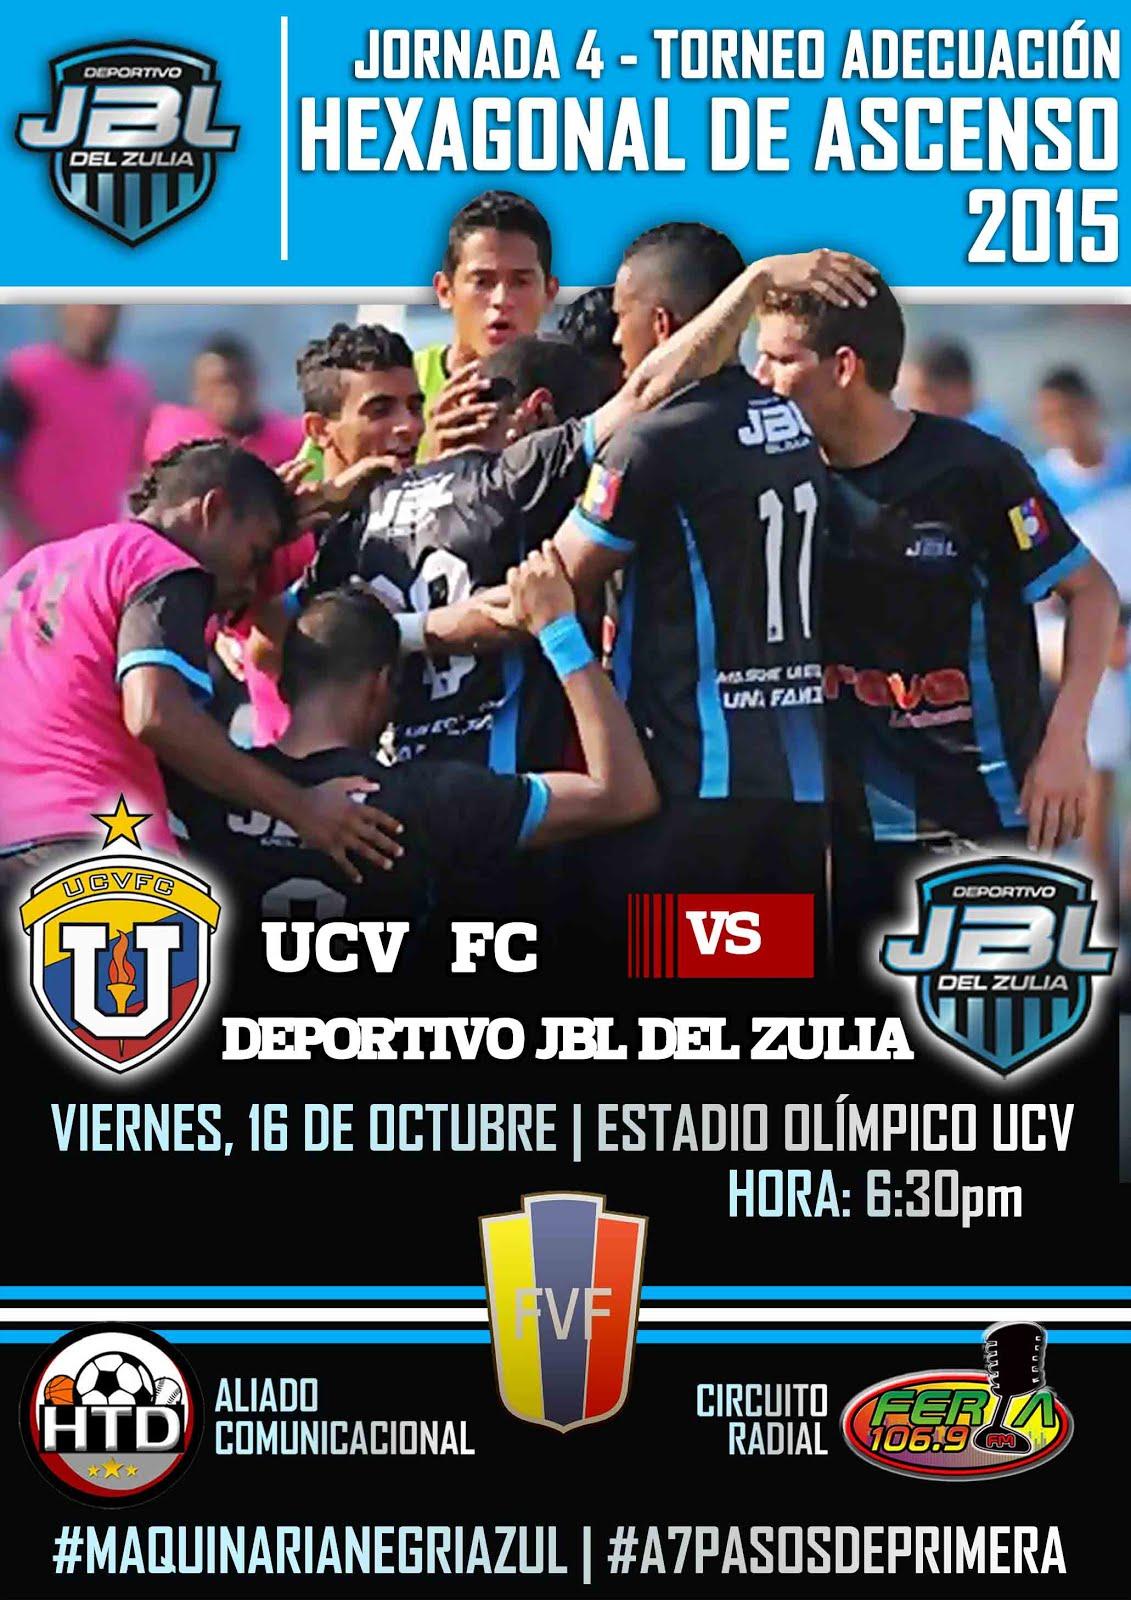 J4 Hexagonal Victoria 1-0 de UCV FC